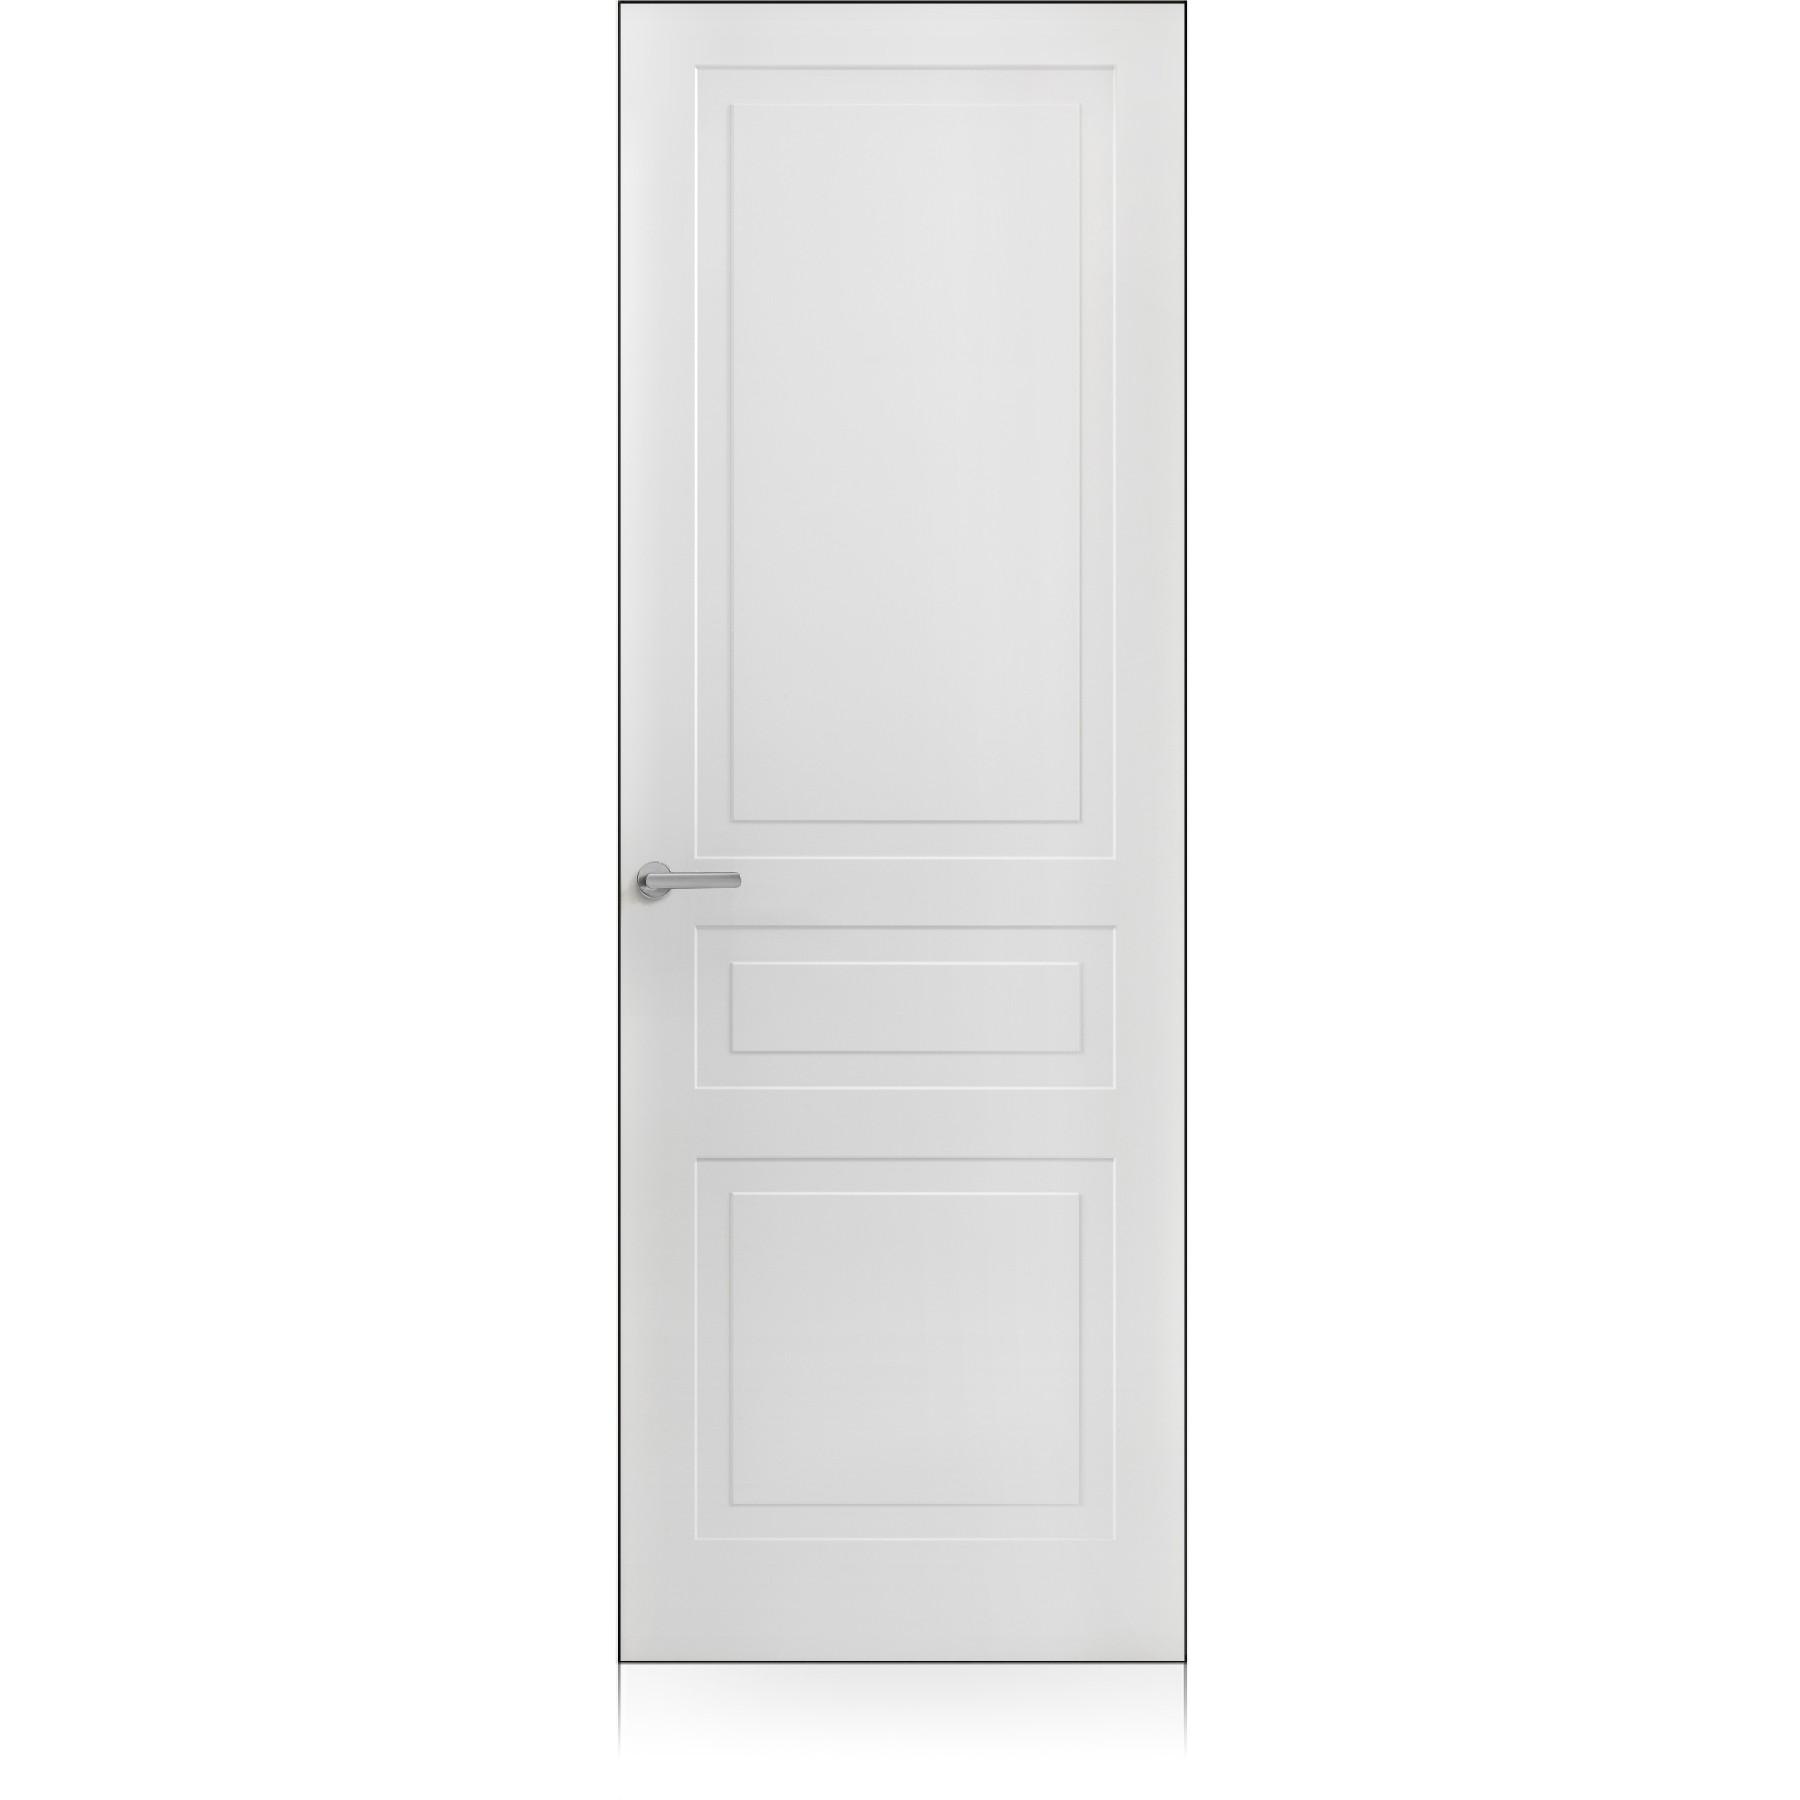 Porte Mixy / 7 Zero bianco optical